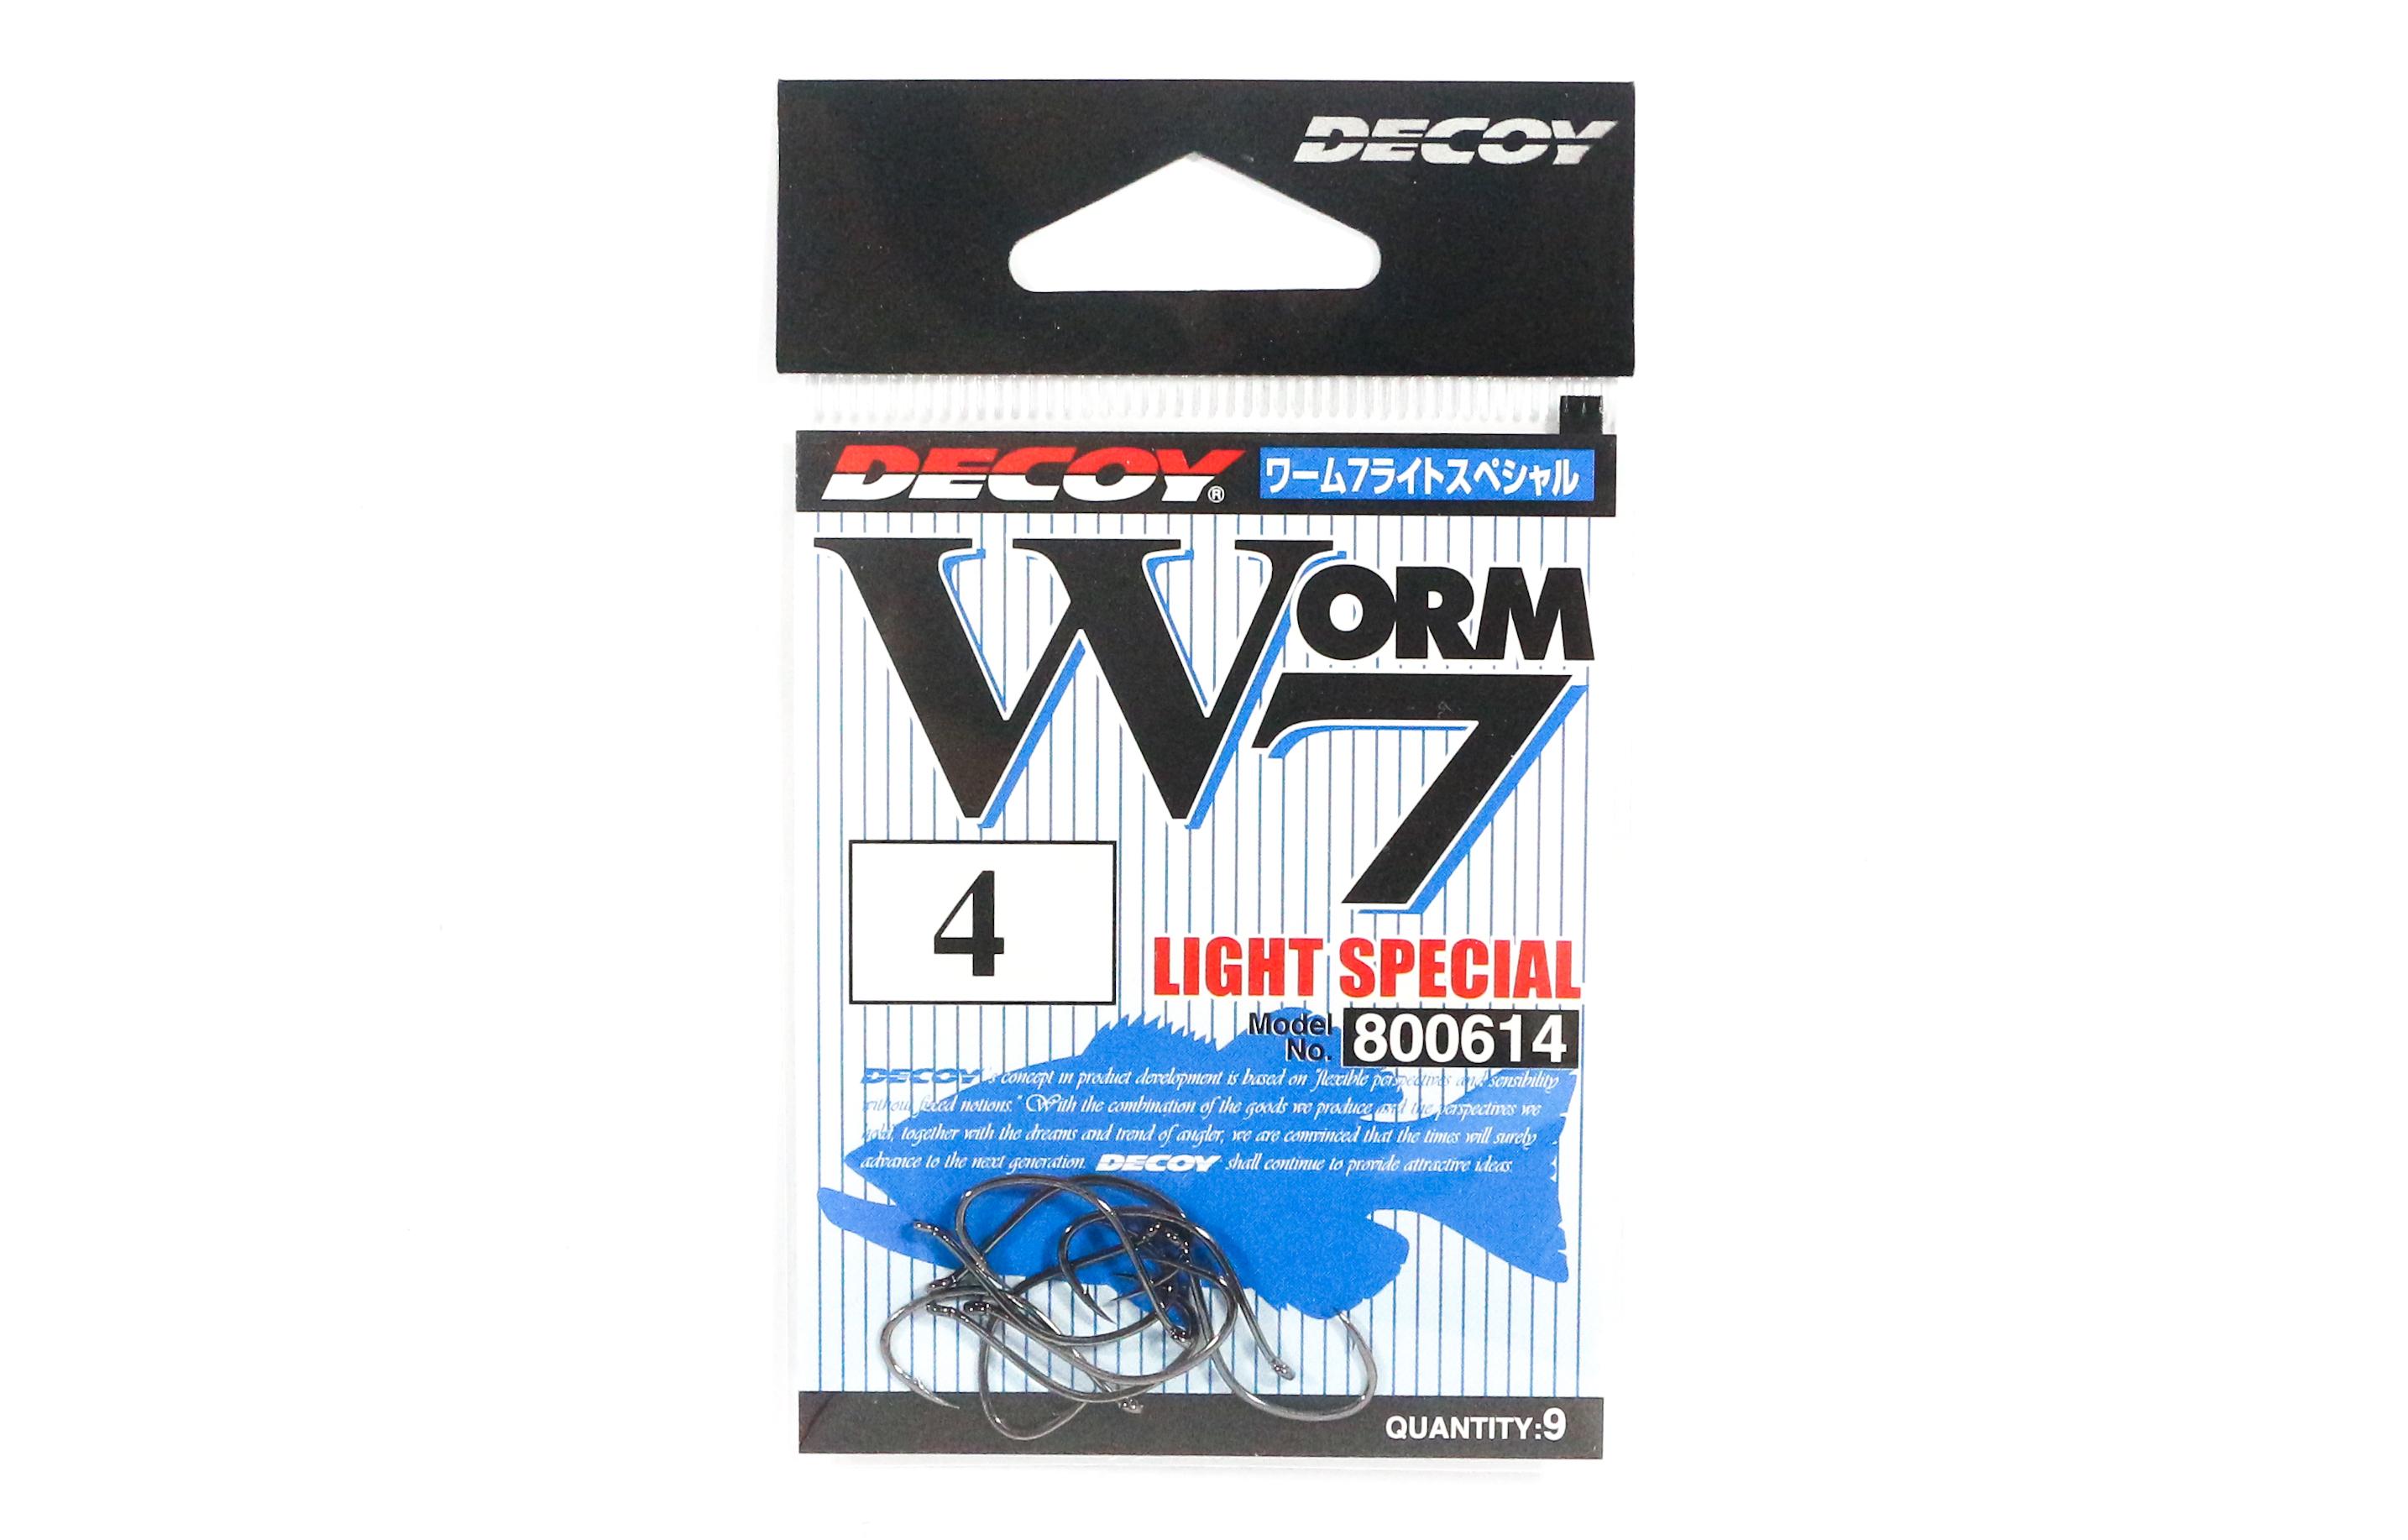 8861 Decoy Worm 417 Ringed KG Hooks Size 1